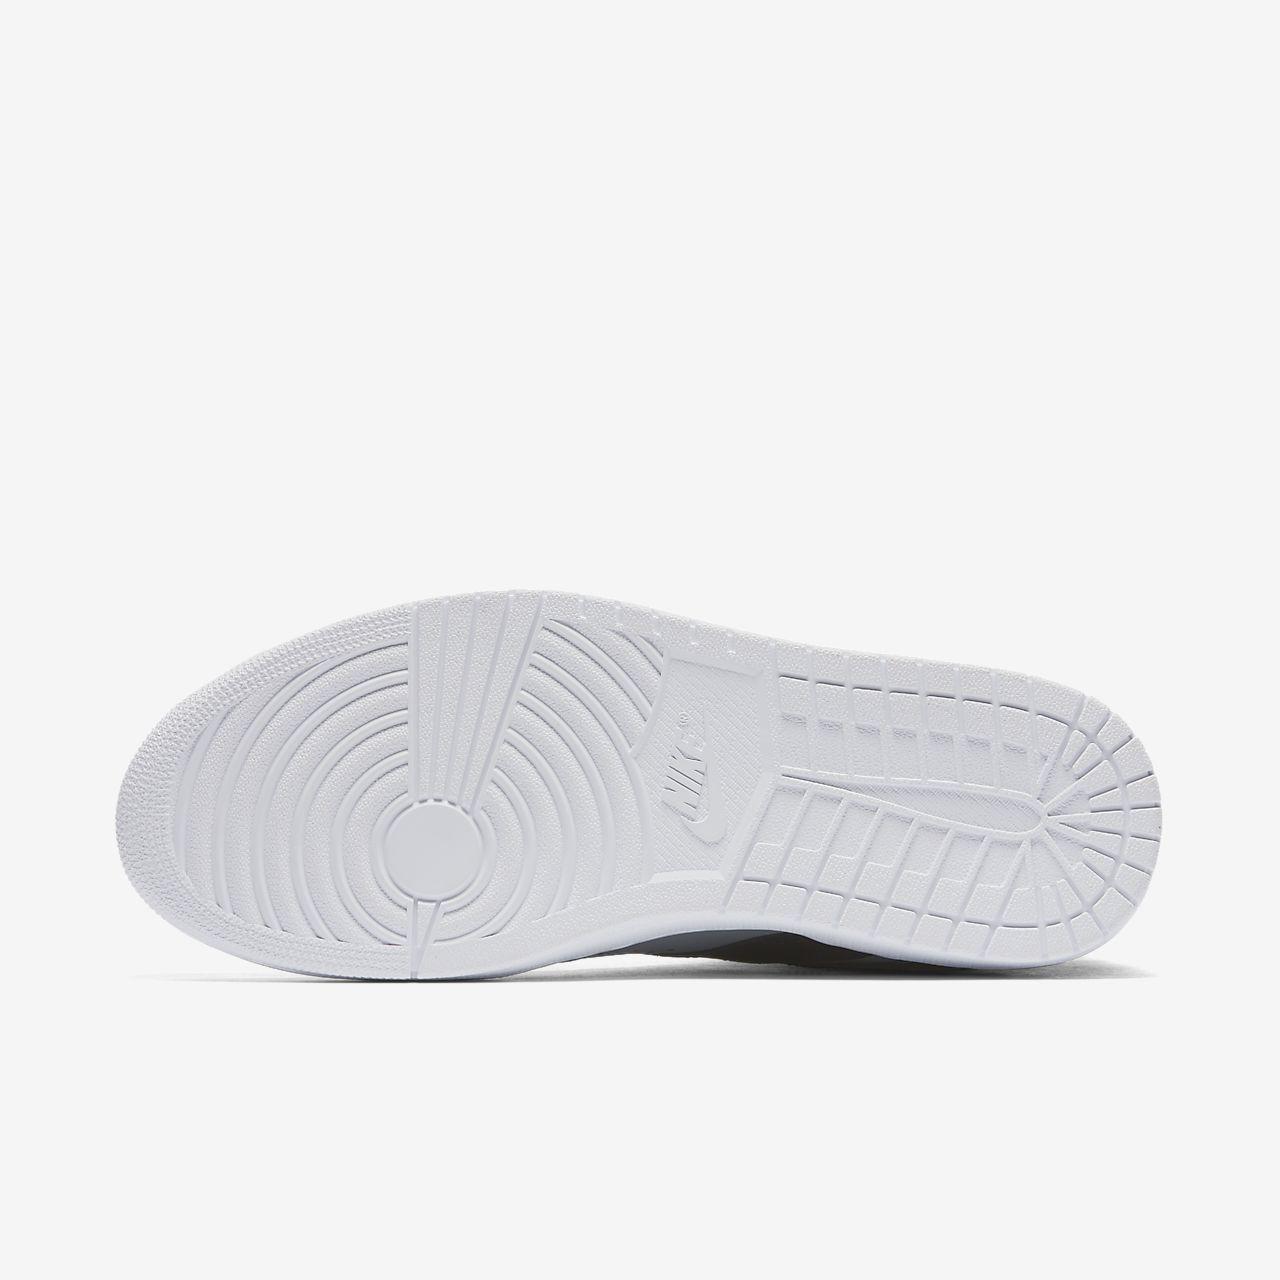 036f044961b Jordan Flight Legend Men s Shoe. Nike.com CA